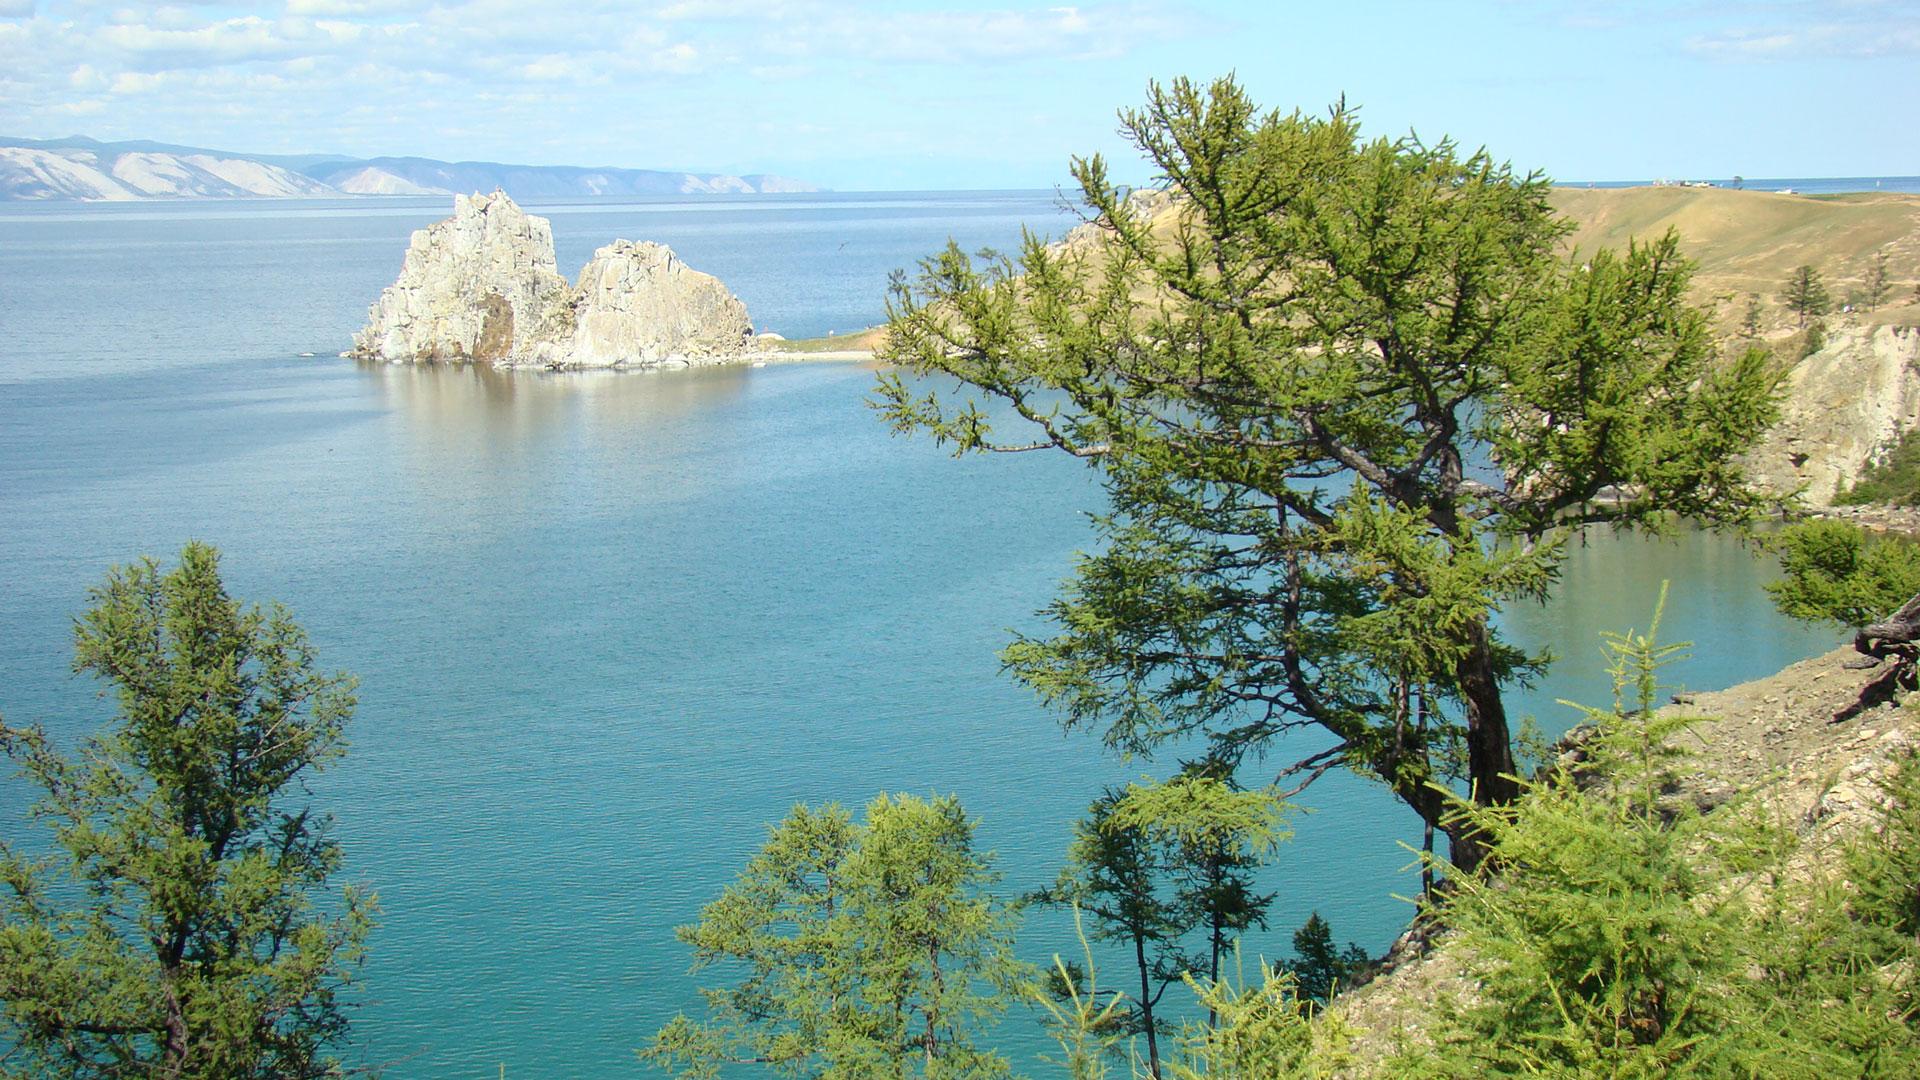 La vida silvestre en la isla, como el lago mismo, estuvo bajo amenaza durante años